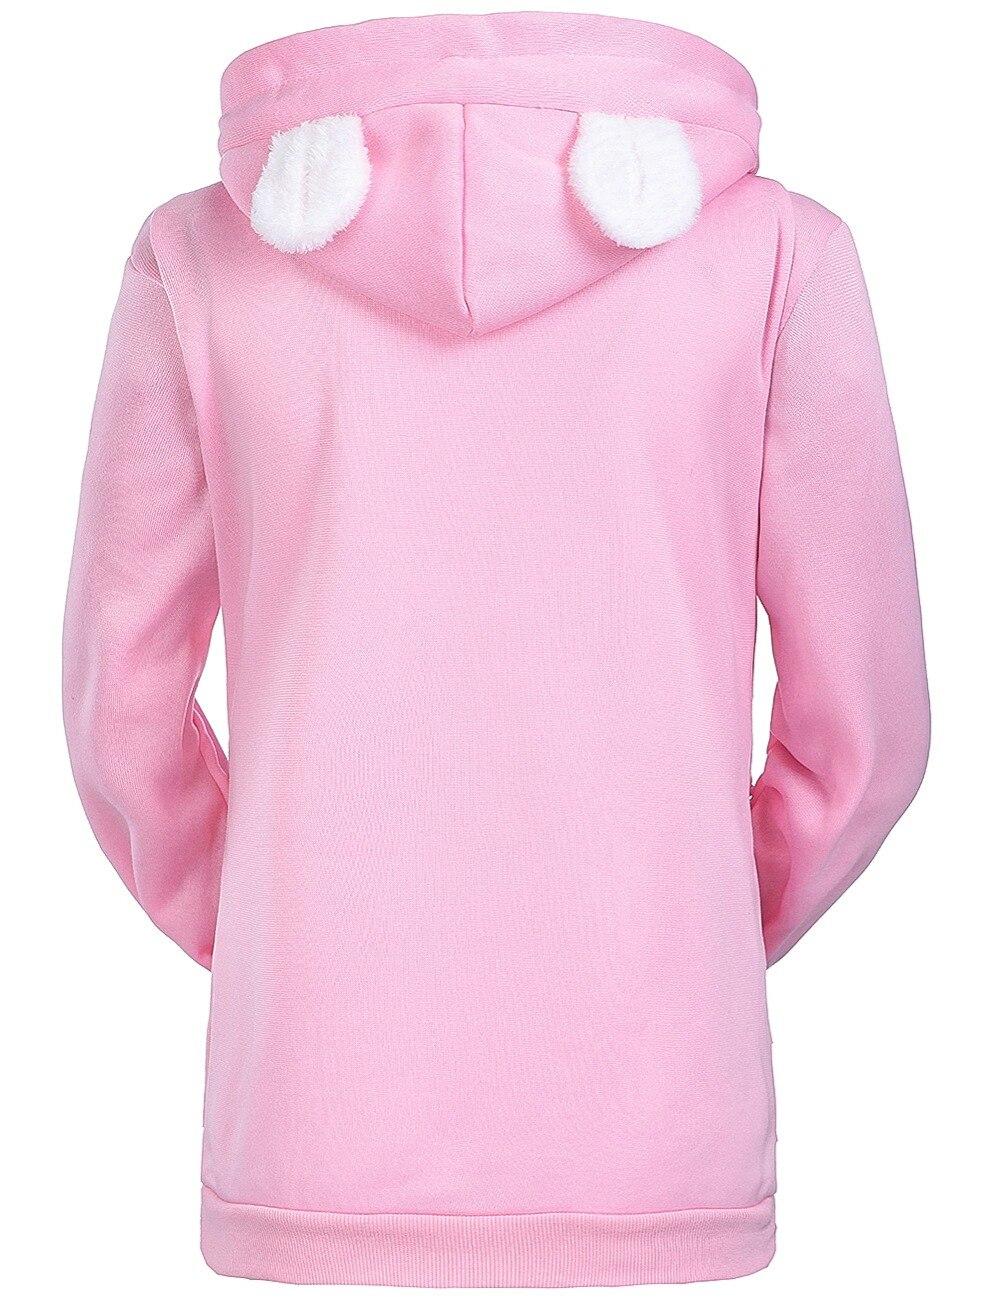 17 New Cartoon Hooded Hoodies Lover Cats Kangaroo Dog Hoodie Long Sleeve Sweatshirt Front Pocket Casual Animal Ear Hoodie 19